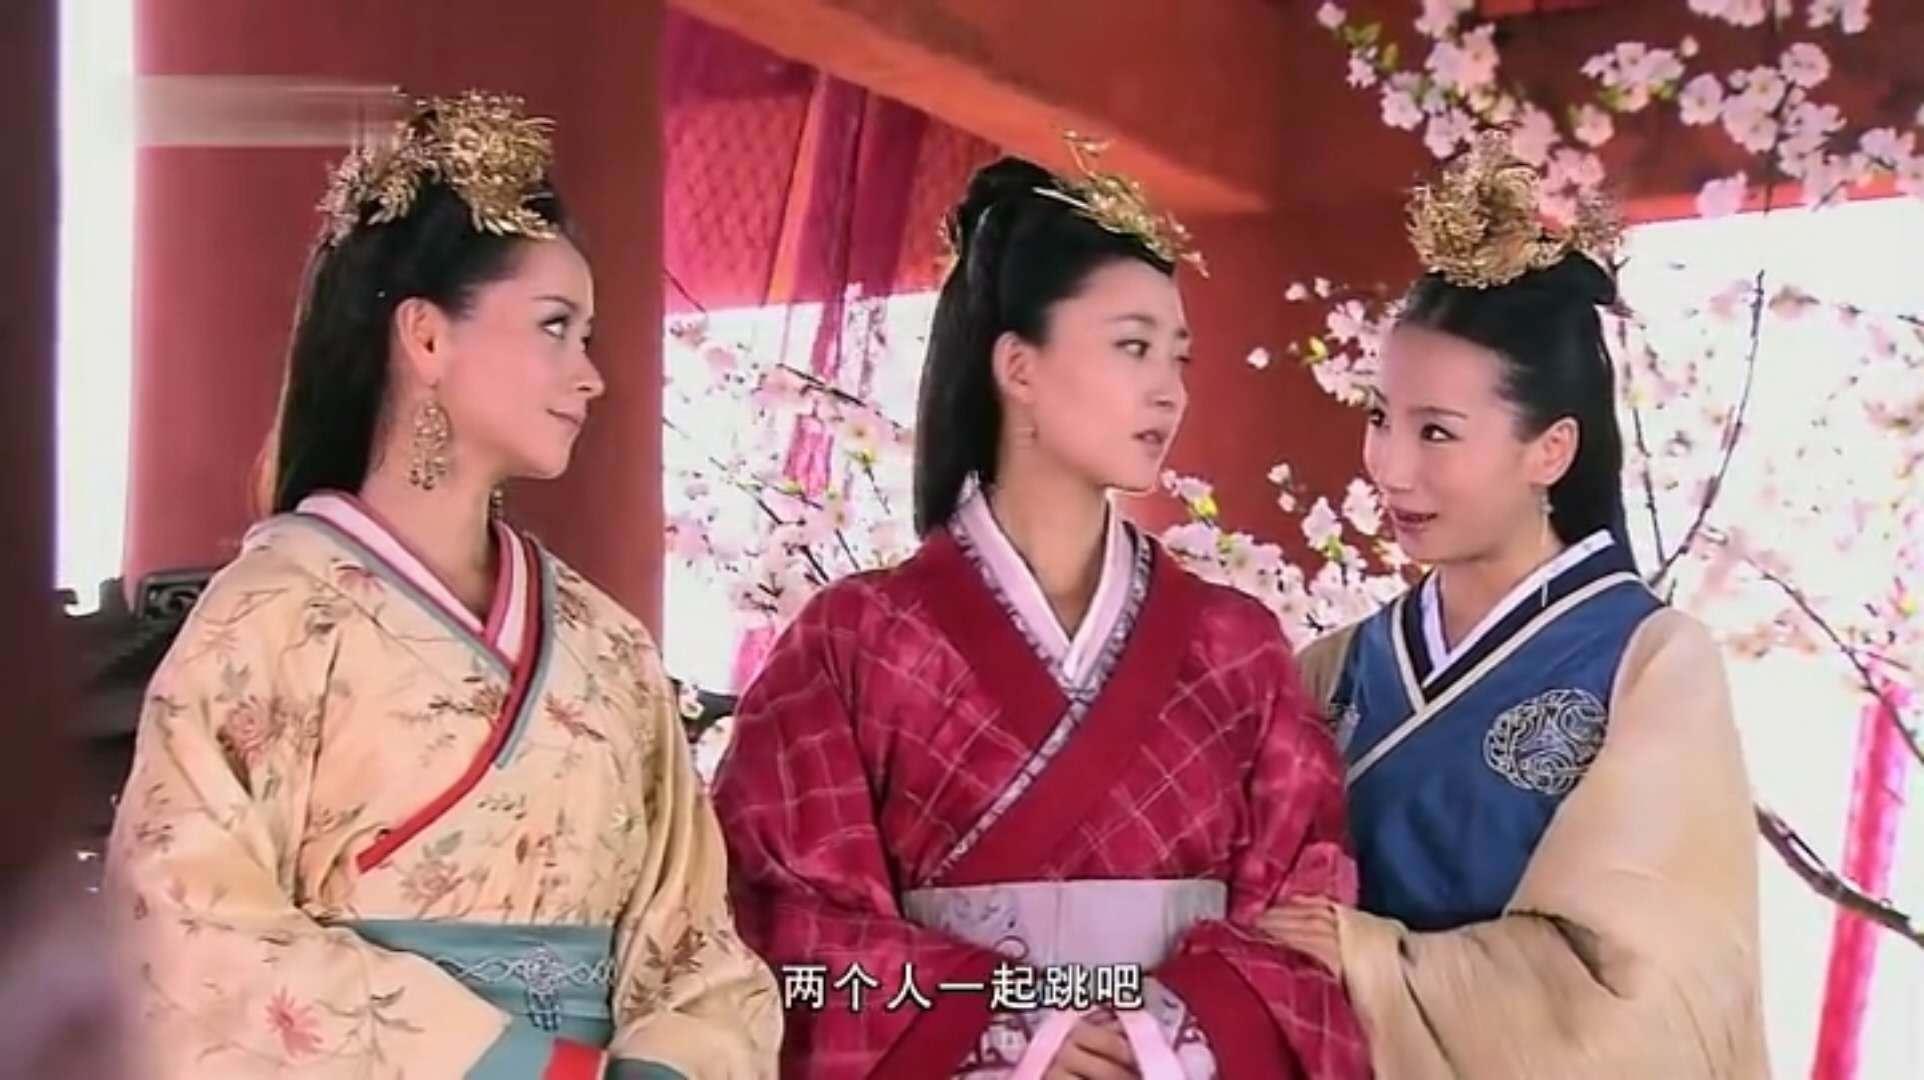 西汉景帝刘启为何要废掉自己的结发之妻薄皇后?